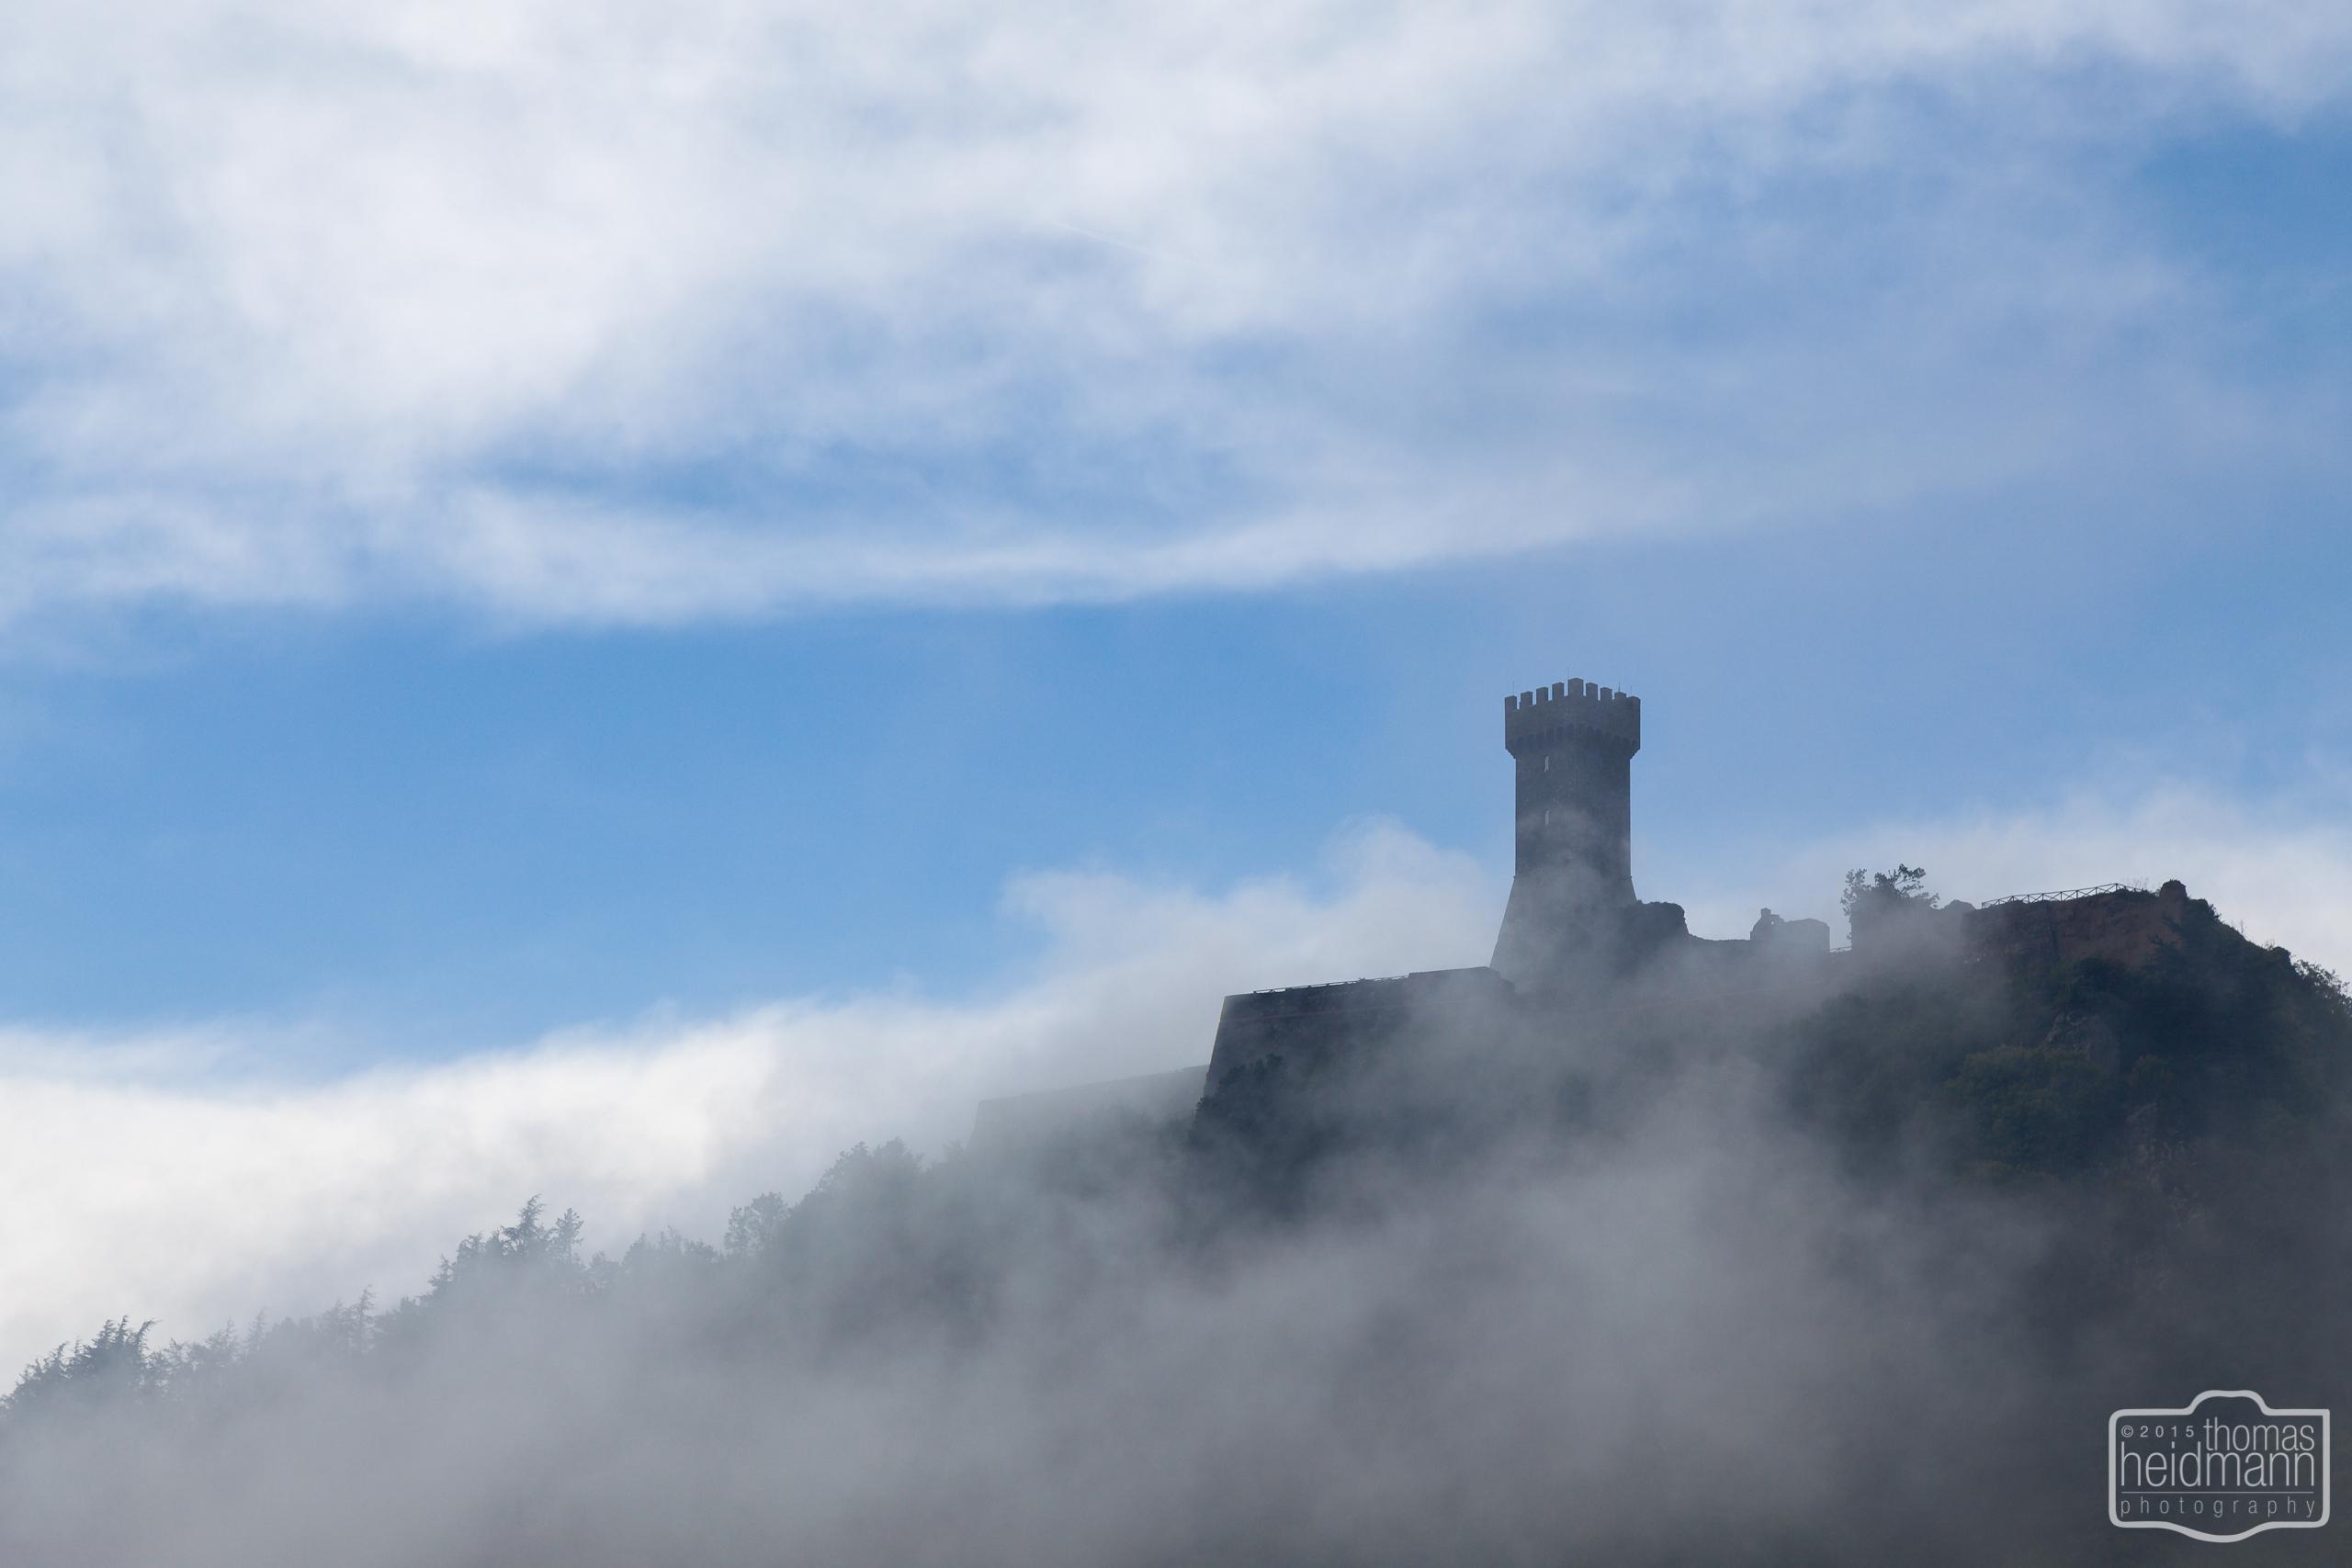 Wehrturm von Radifocani in den Wolken (Süd-Toskana)